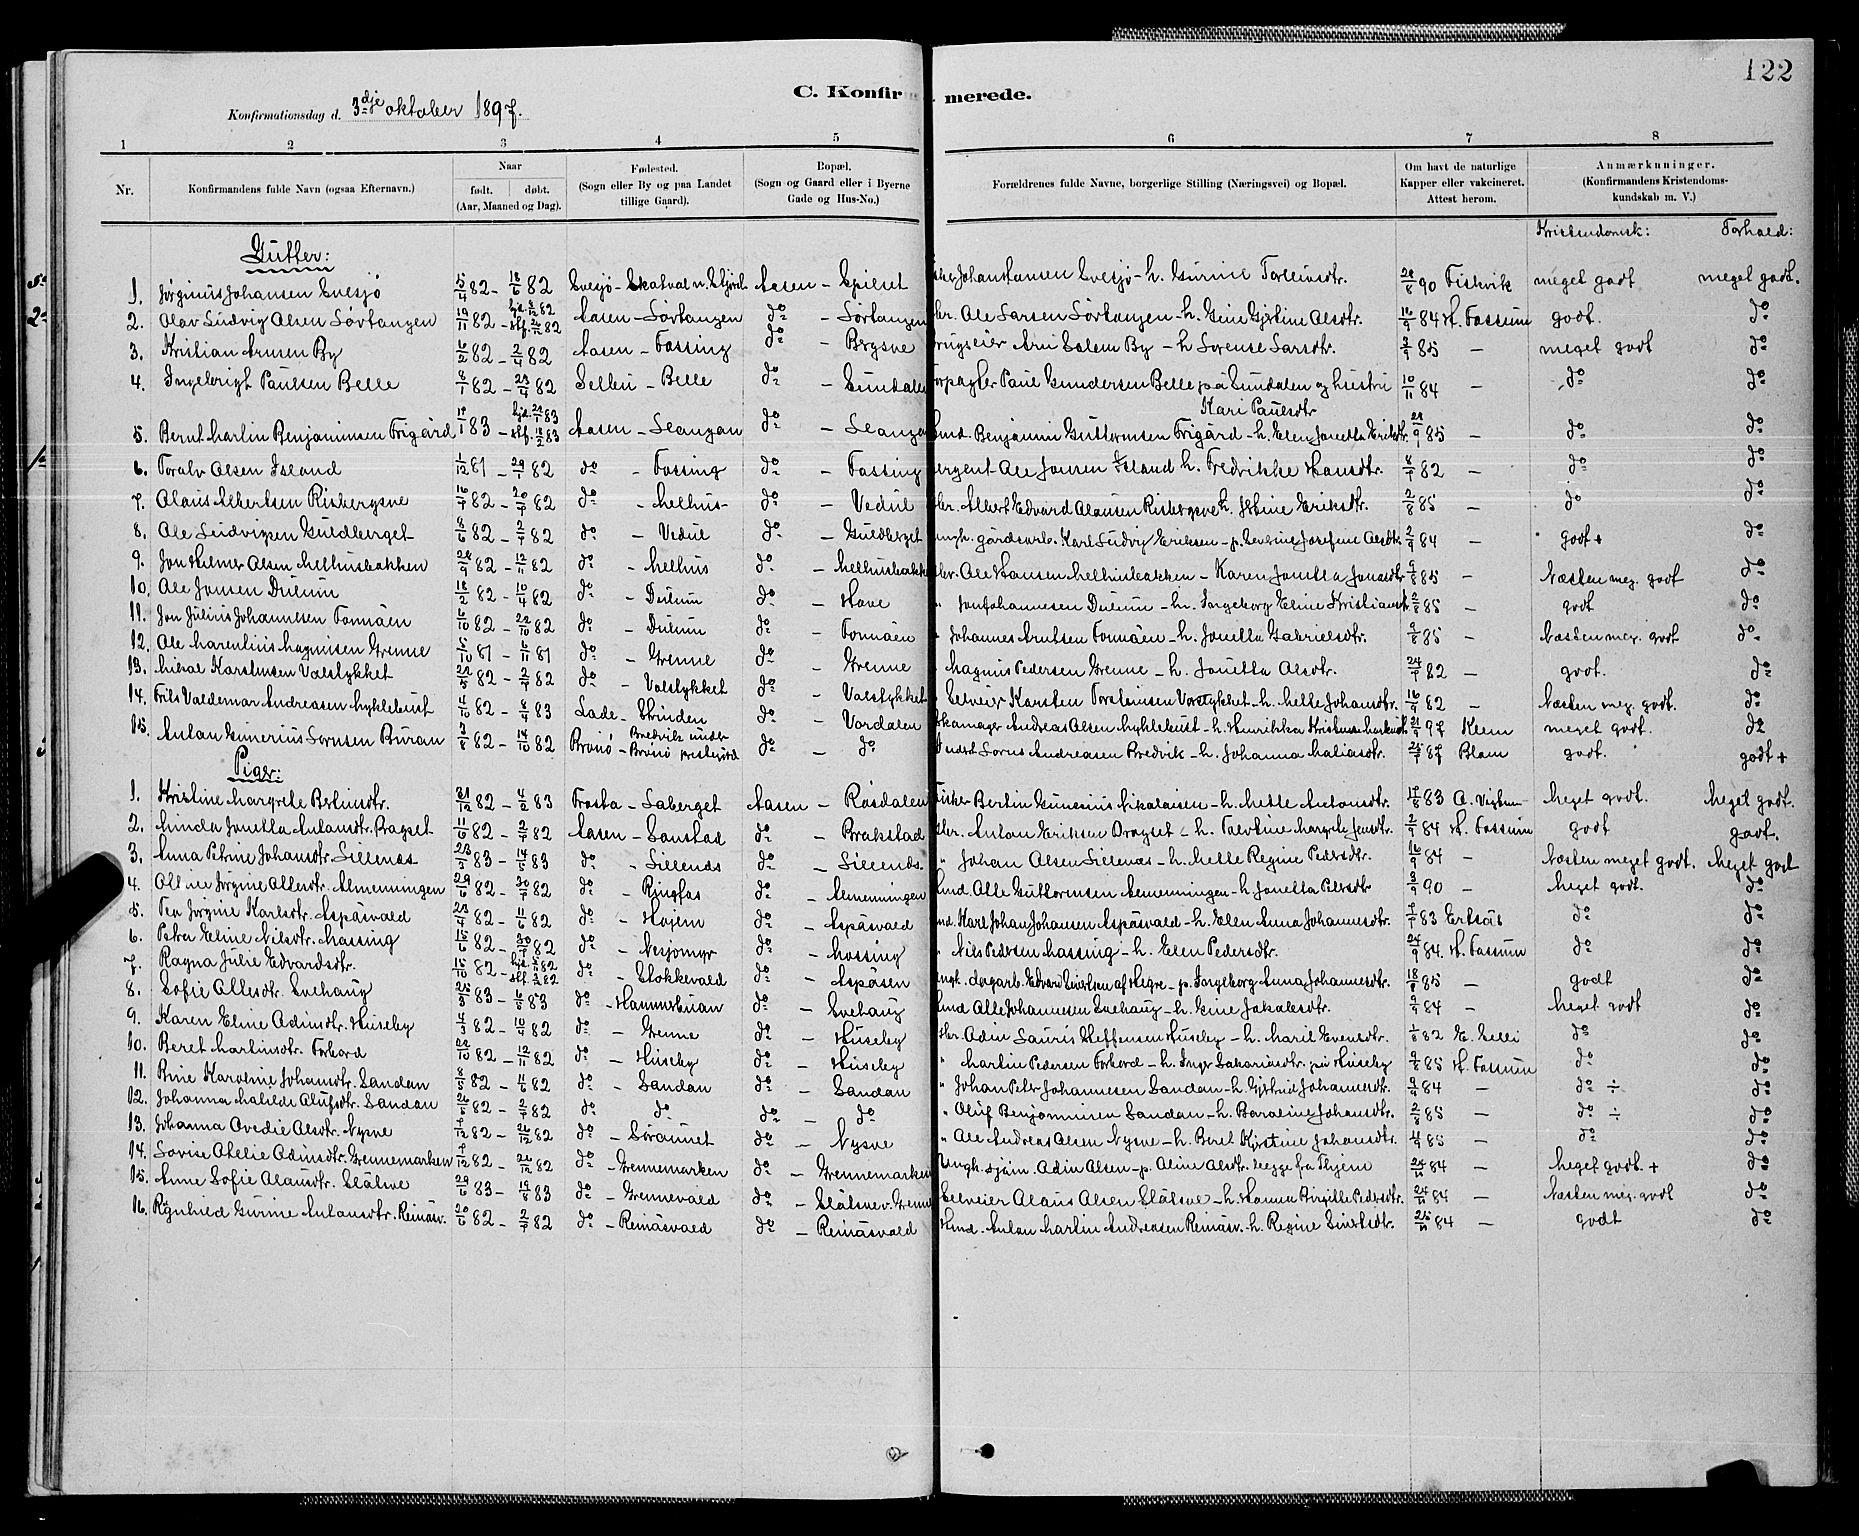 SAT, Ministerialprotokoller, klokkerbøker og fødselsregistre - Nord-Trøndelag, 714/L0134: Klokkerbok nr. 714C03, 1878-1898, s. 122